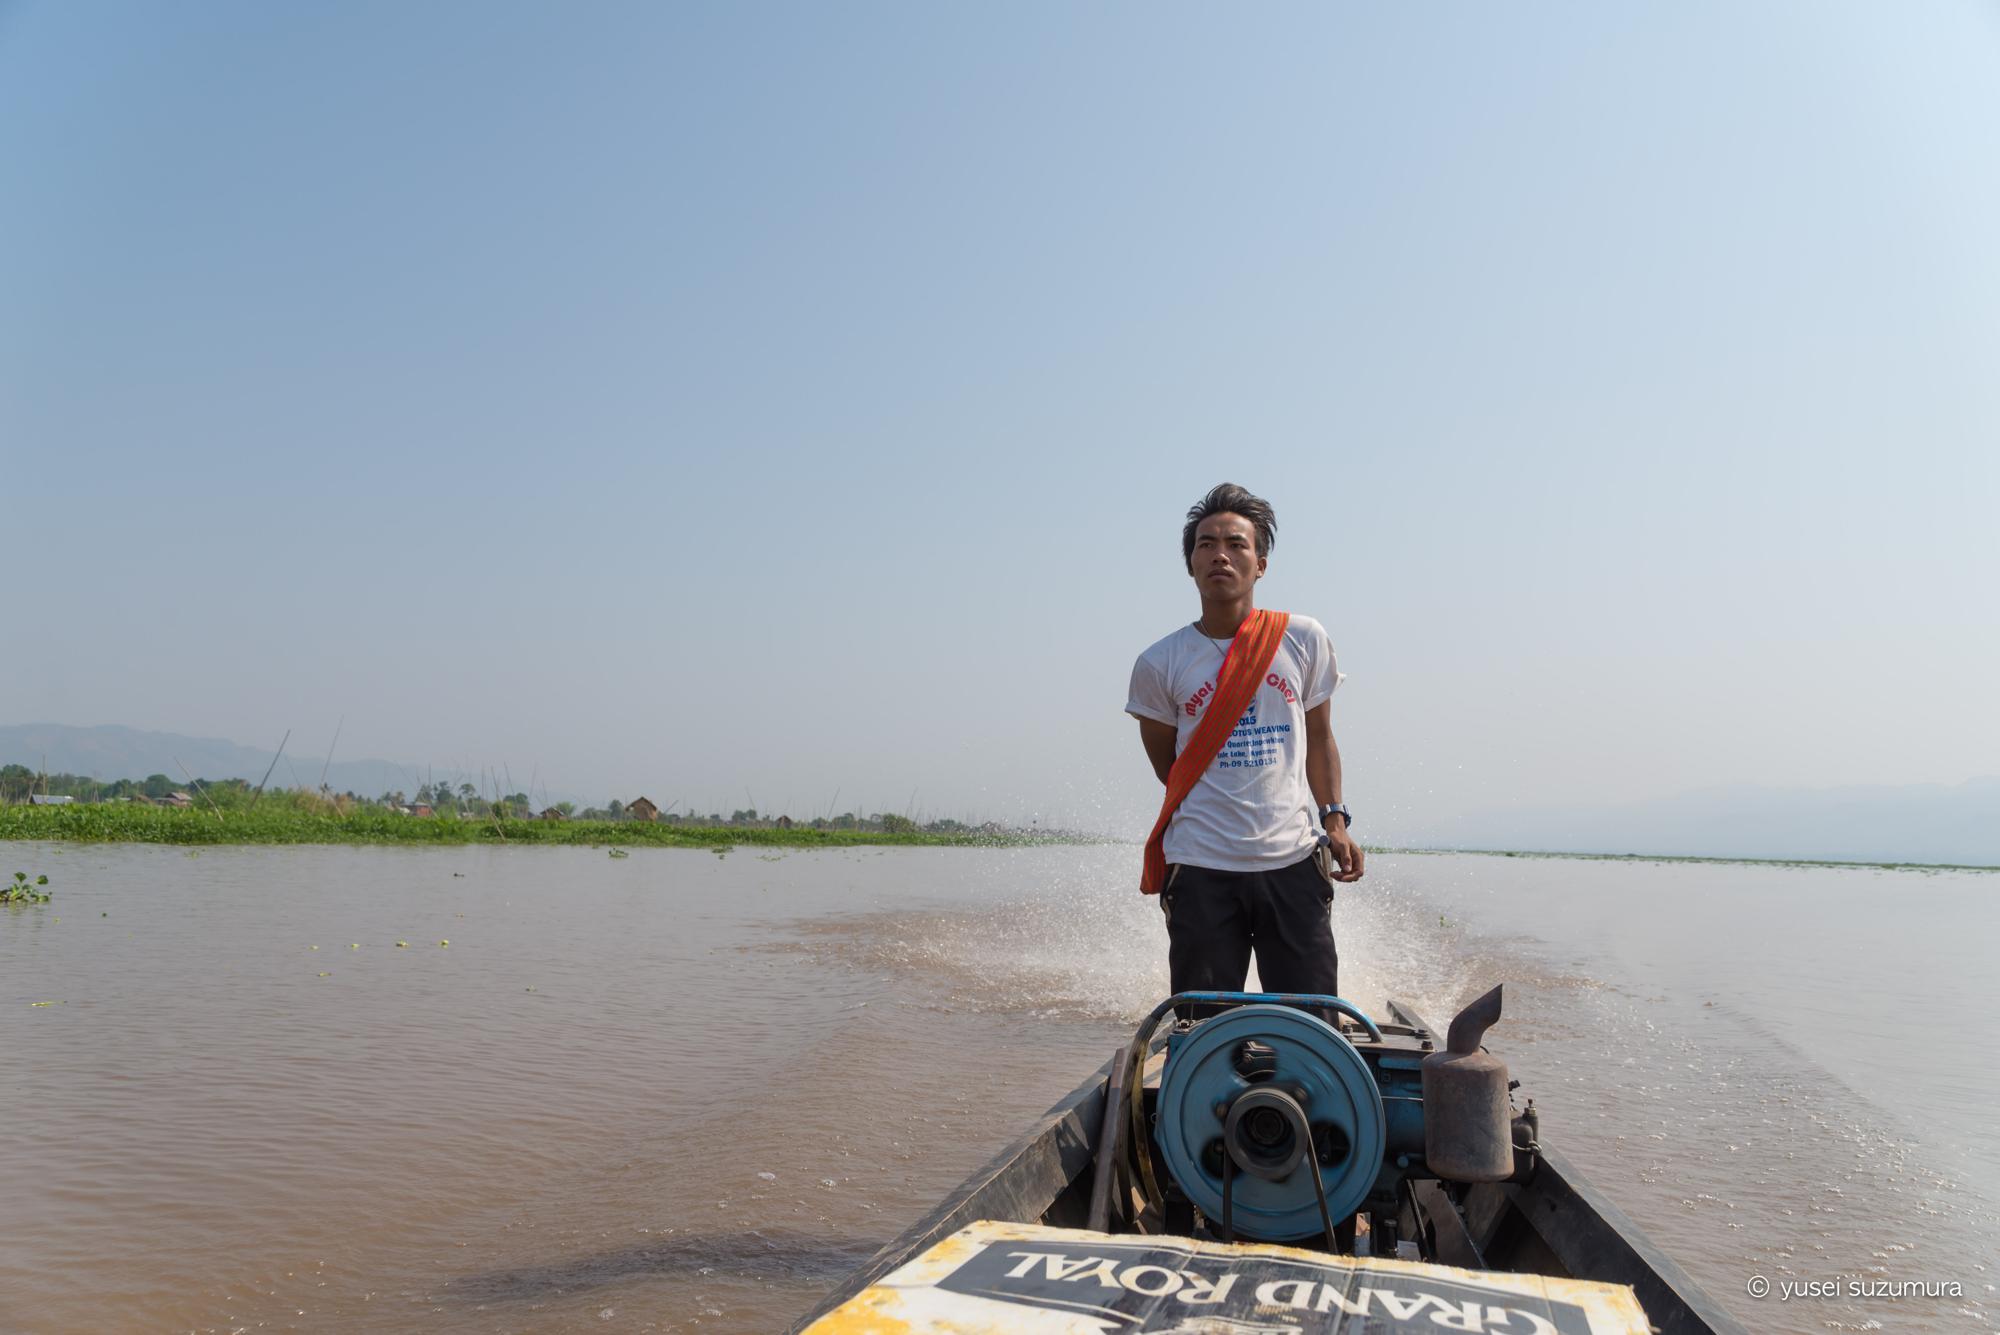 インレー湖 ミャンマー人